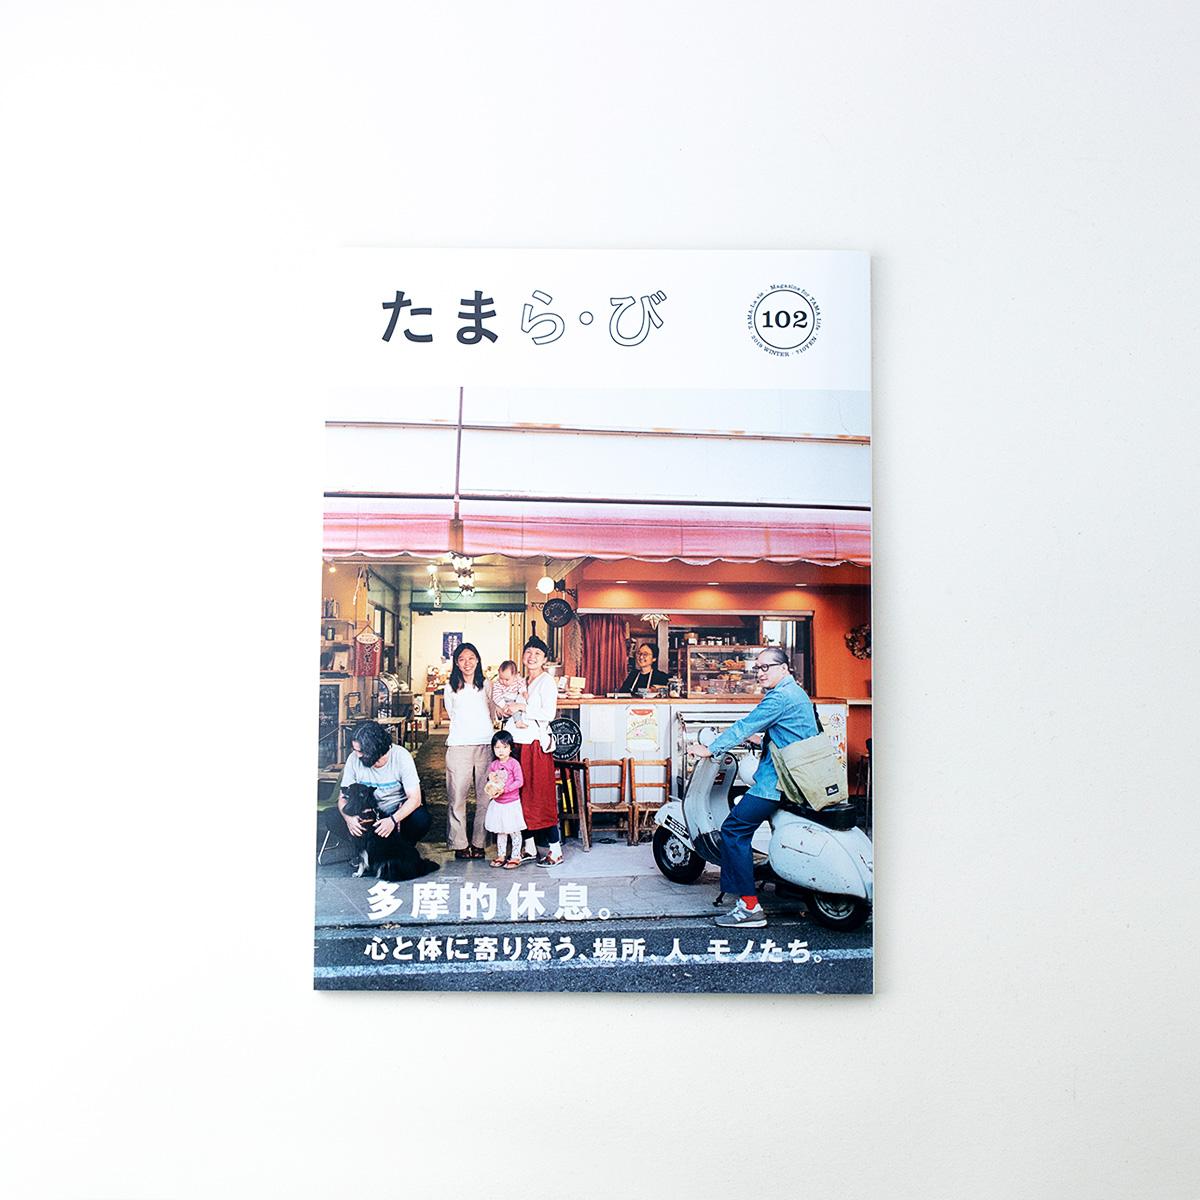 【メディア掲載情報】たまら・び 102号